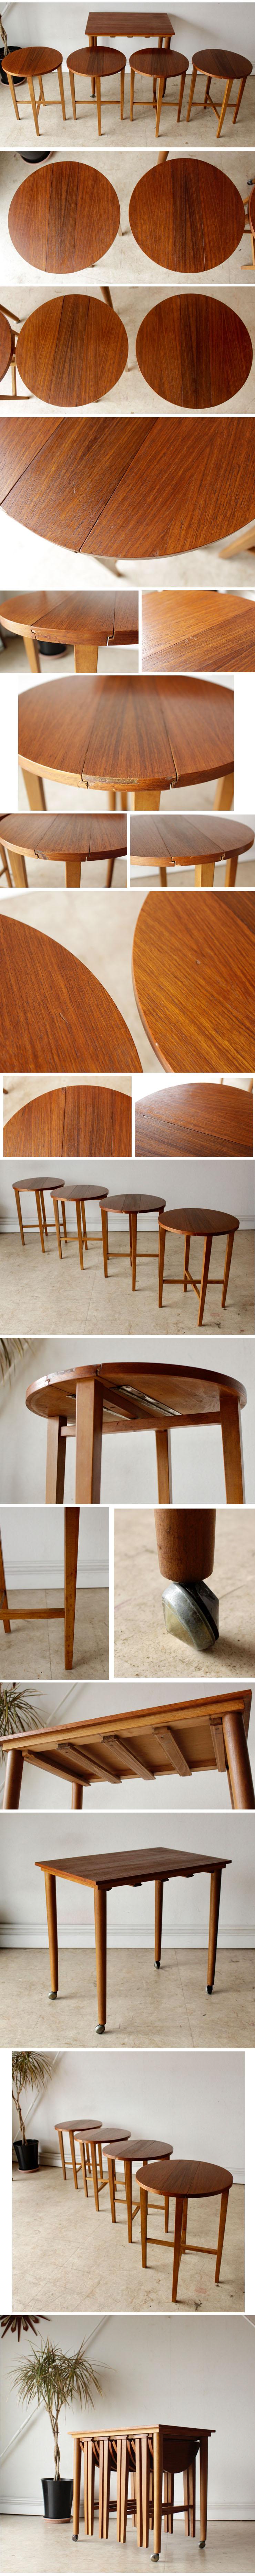 ビンテージ・ネストテーブル・コーヒーテーブル・デンマーク・北欧・アンティーク・チーク